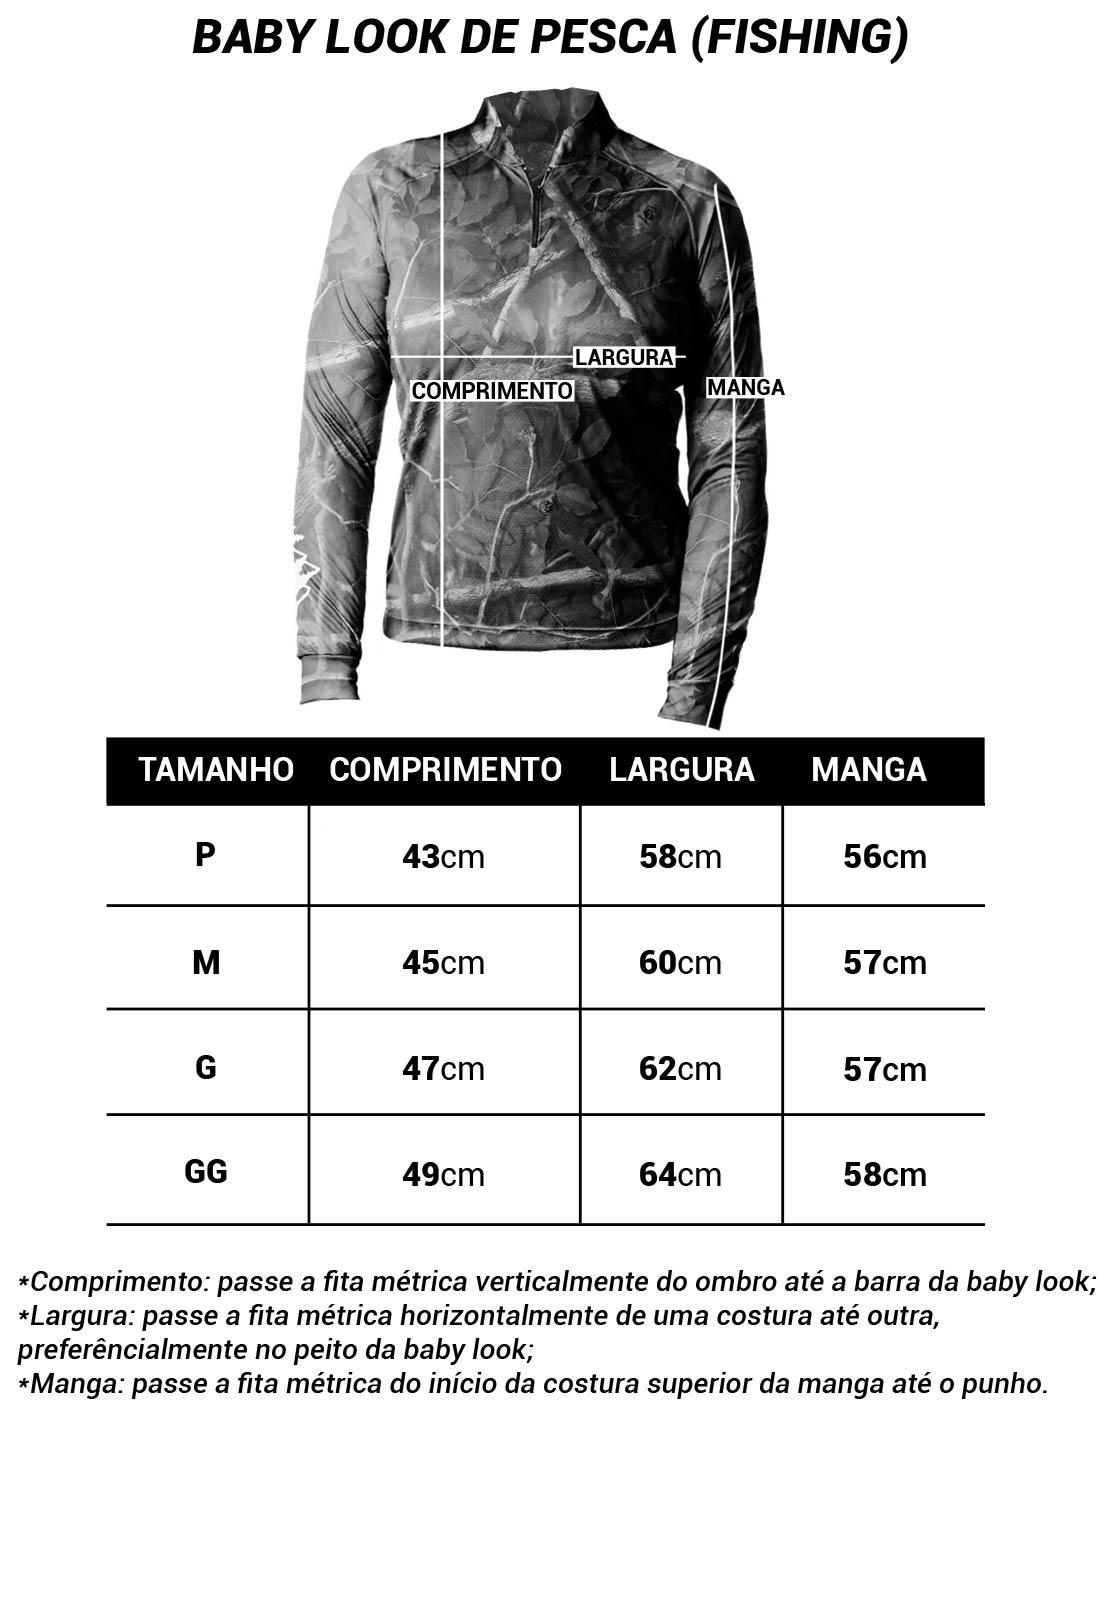 CAMISA DE PESCA FISH TAMBAQUI 02 FEMININA + BANDANA GRÁTIS  - REAL HUNTER OUTDOORS